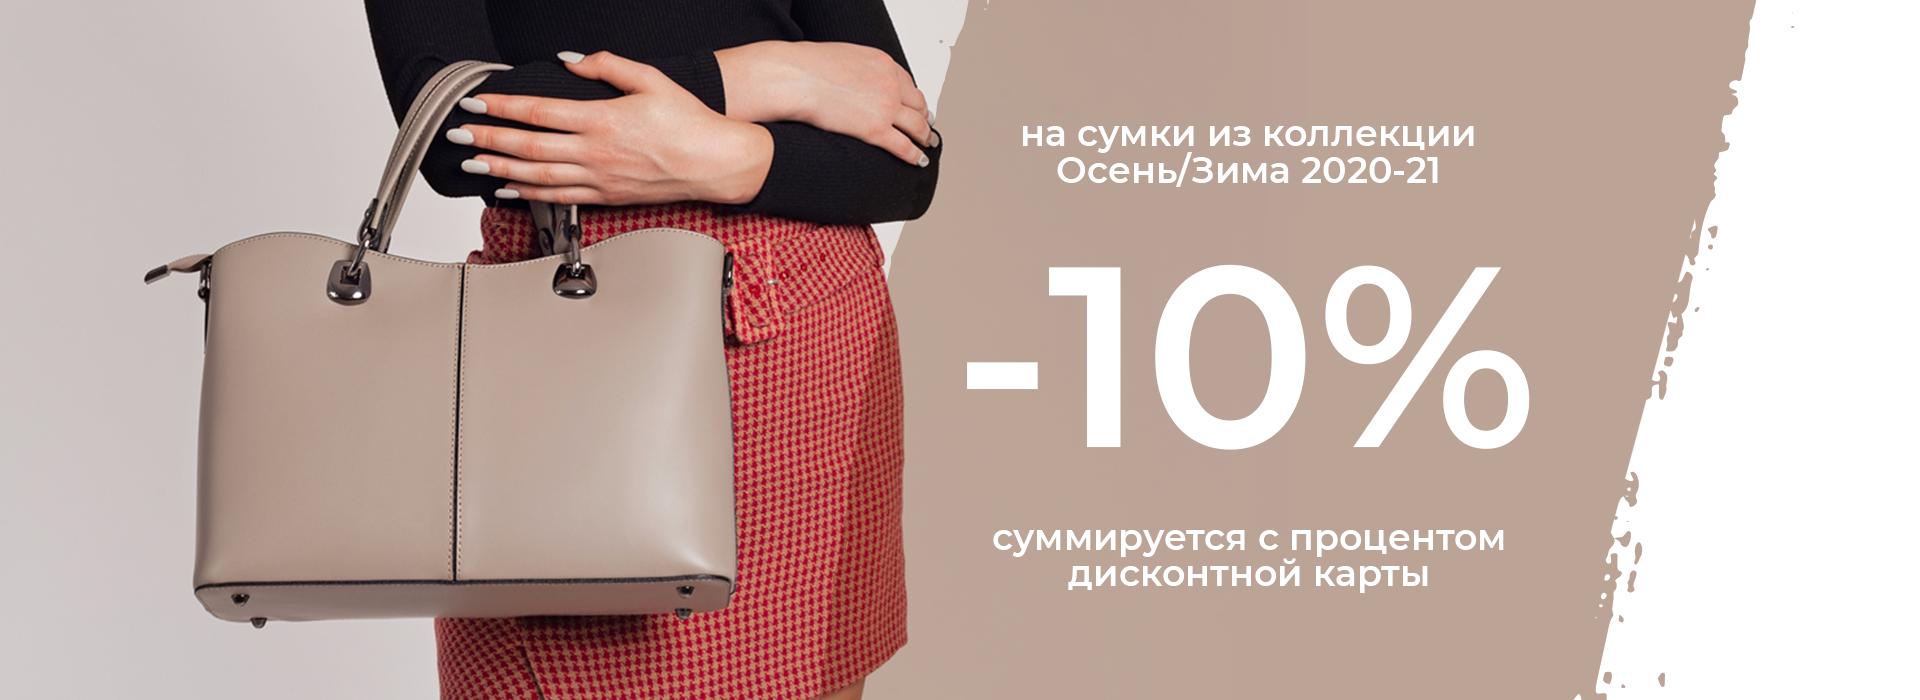 Дополнительная скидка 10% на сумки Toscanio